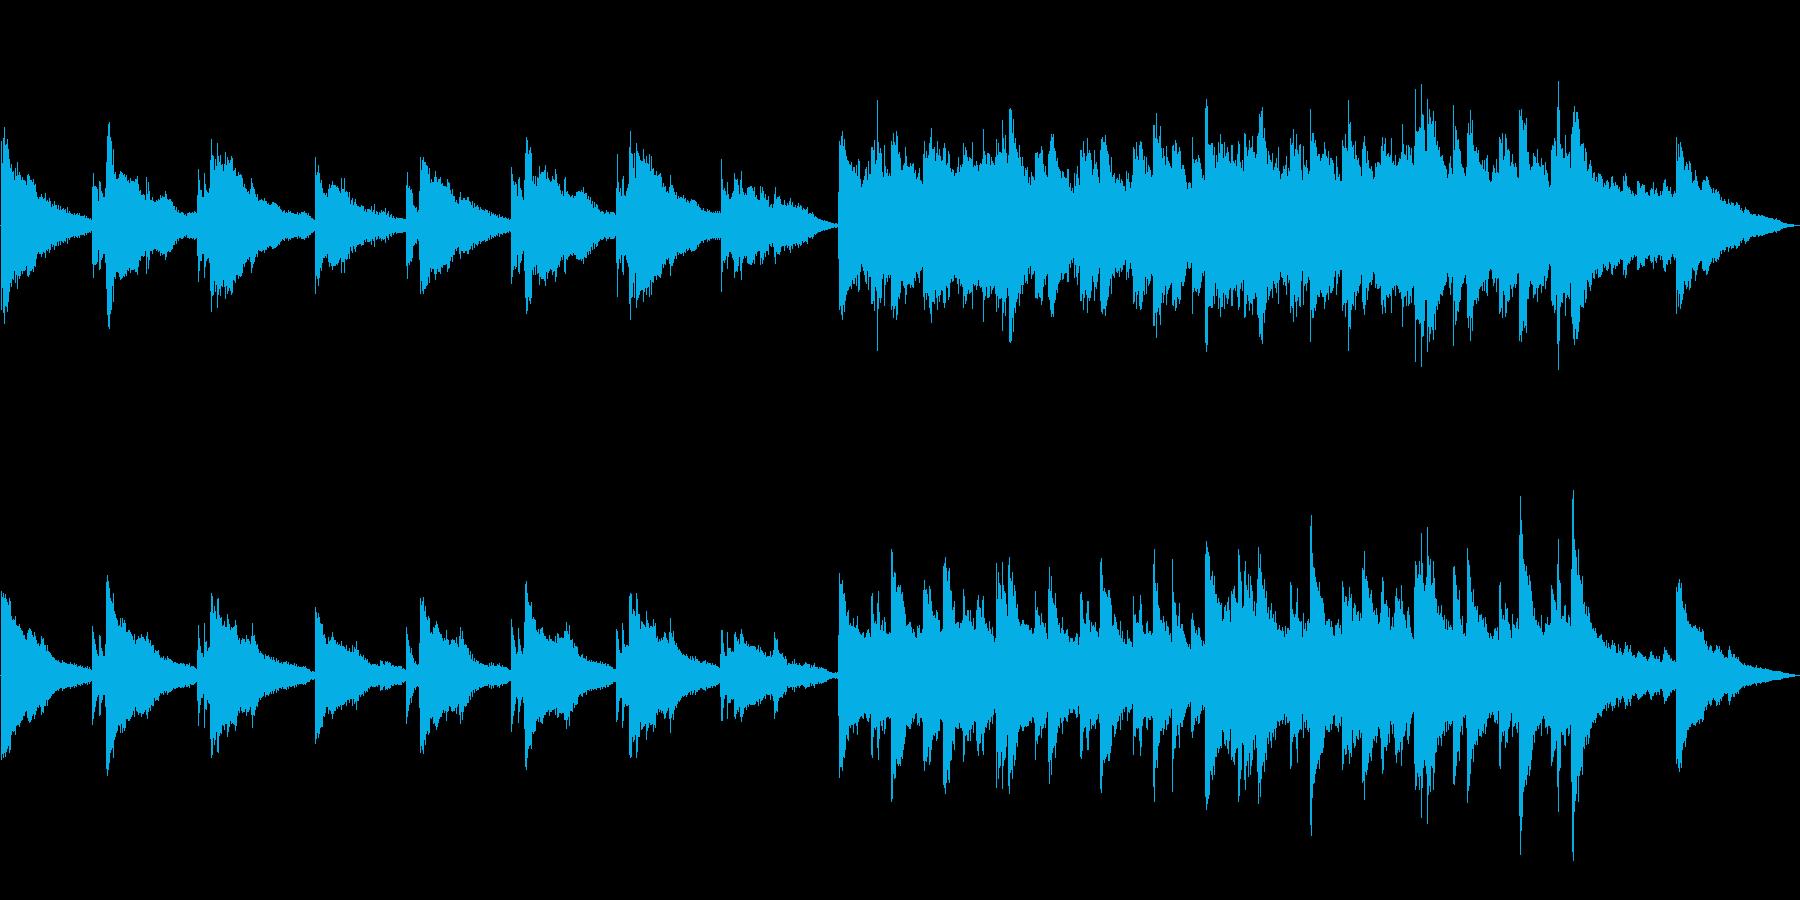 とてもゆっくりのソロ・ピアノ曲の再生済みの波形